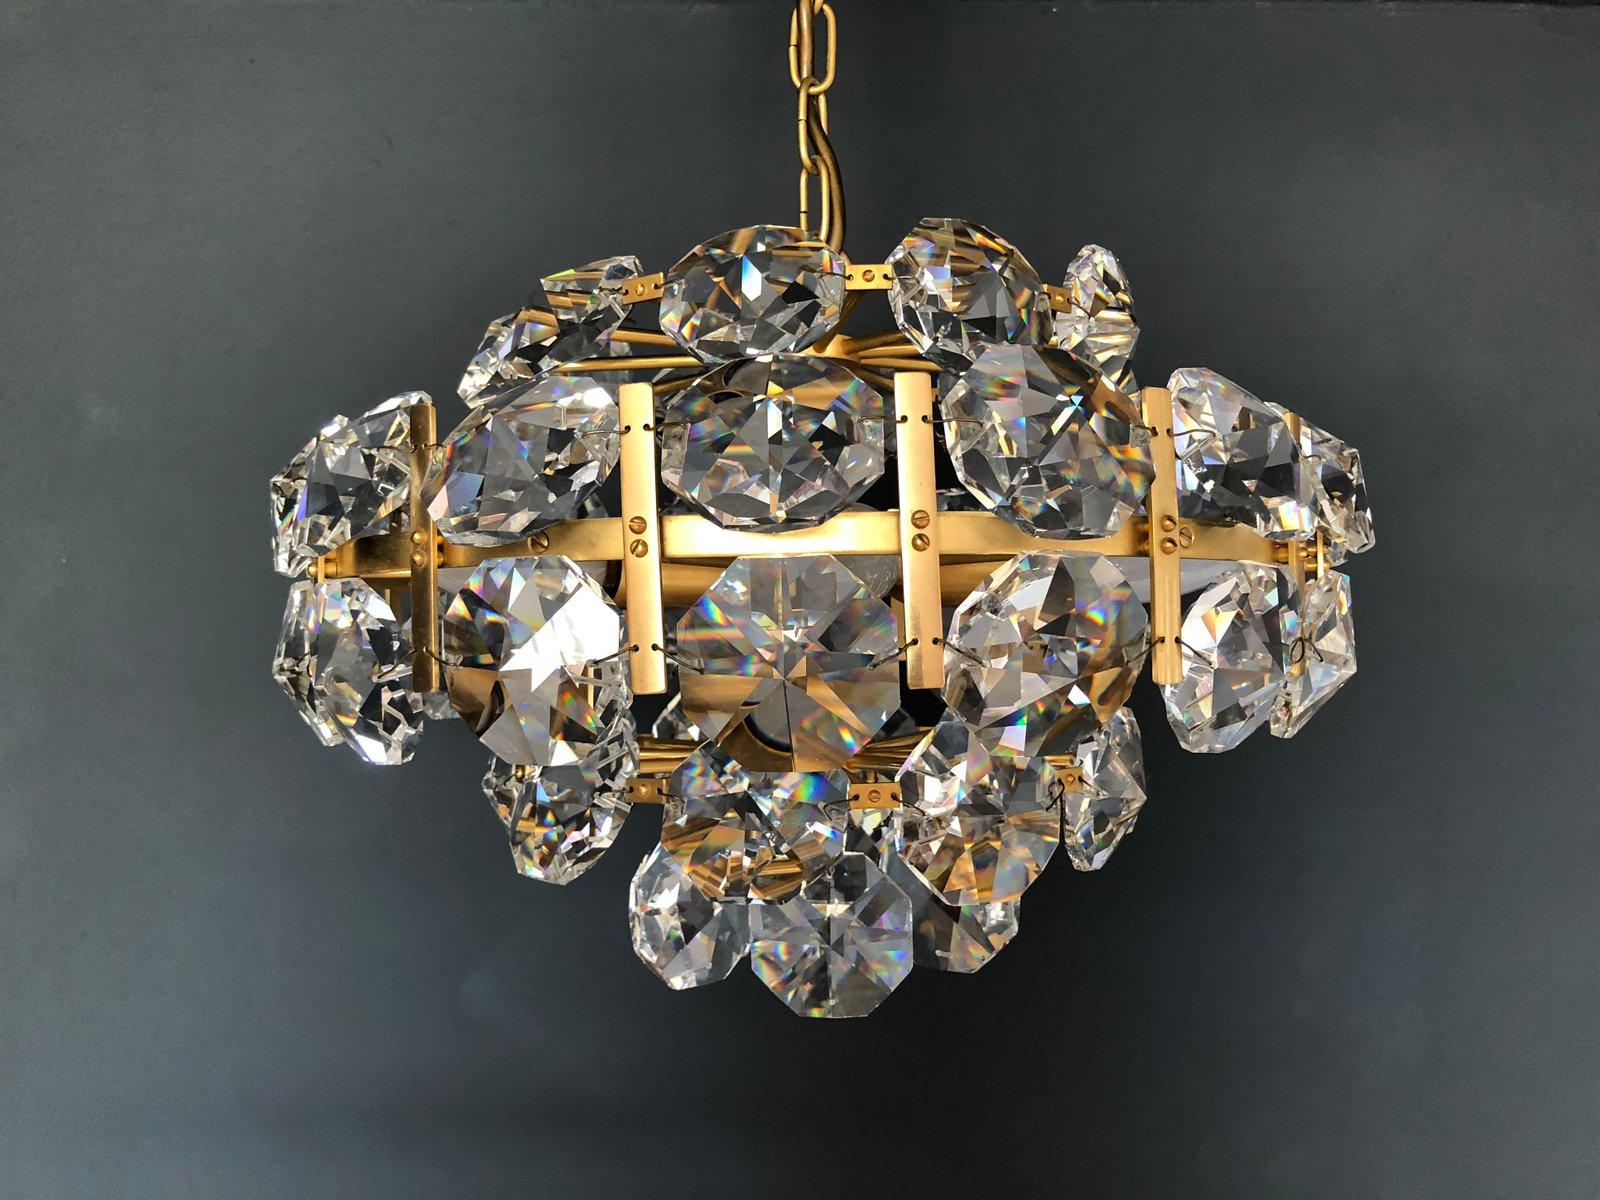 Kronleuchter aus Kristallglas von Bakalowits, 1960er